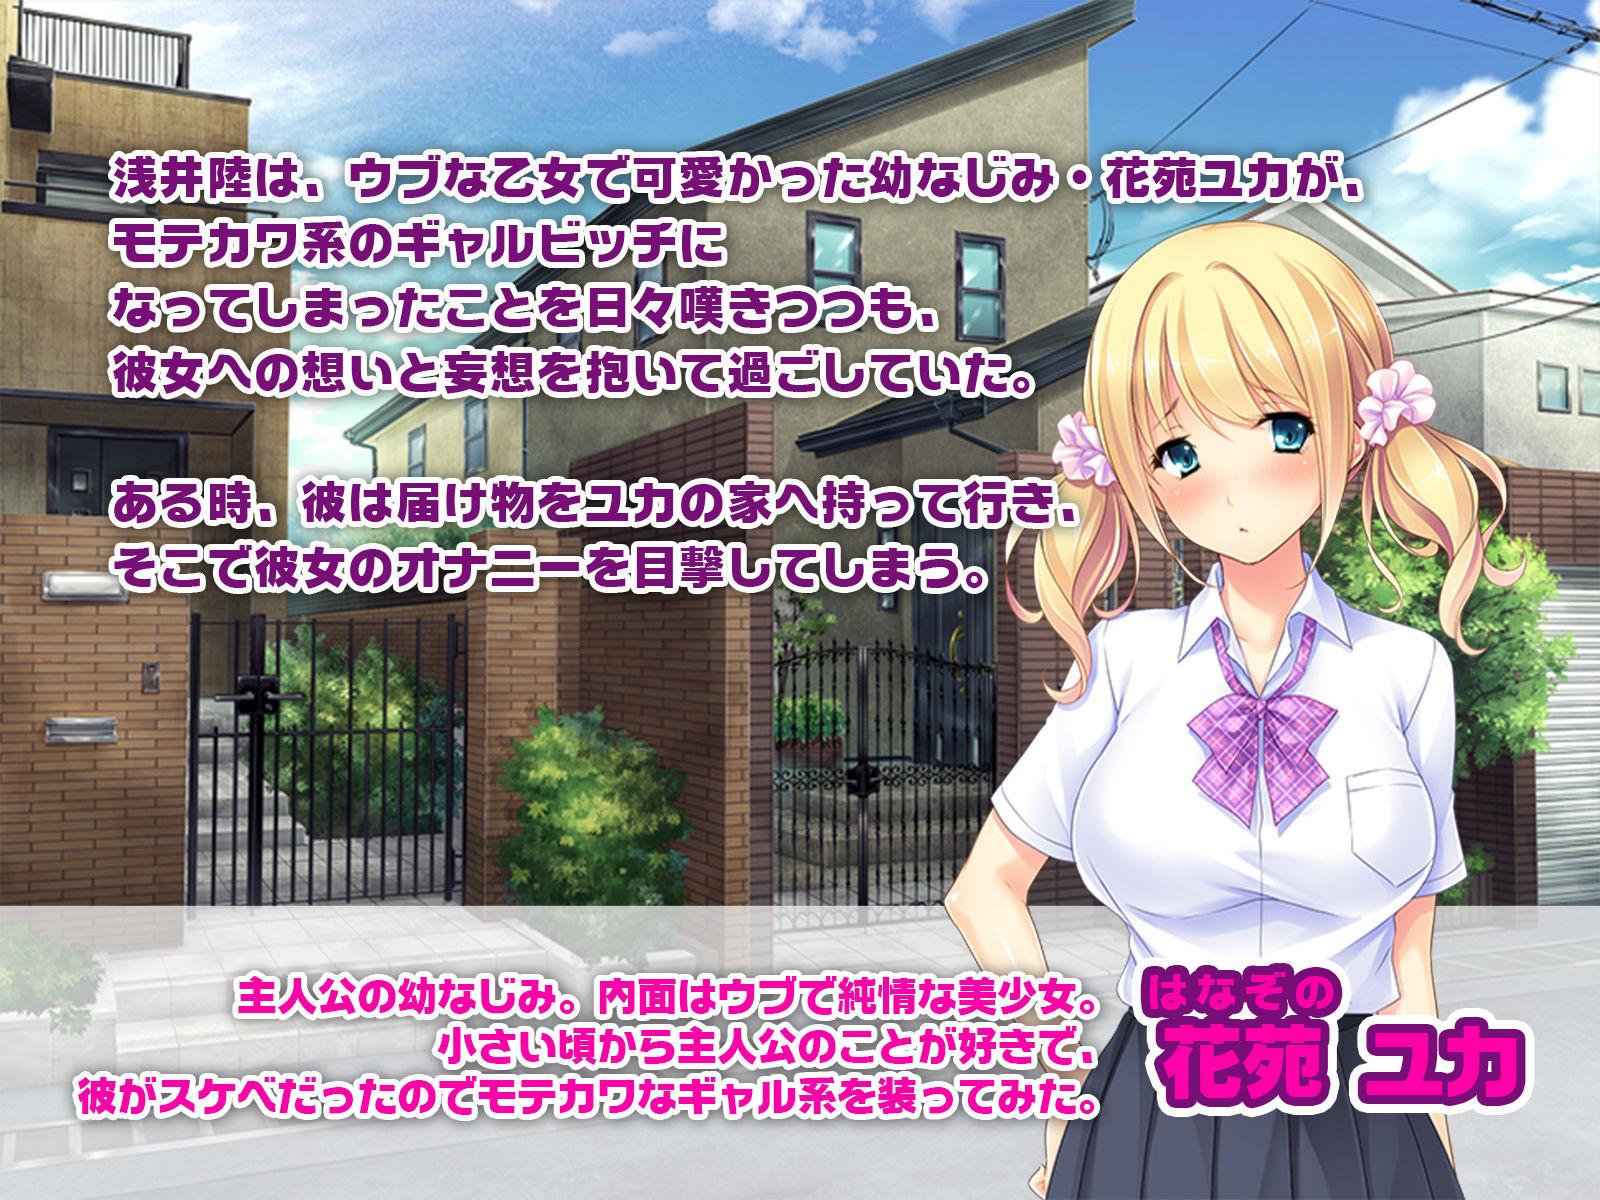 俺だけのピュアビッチ 〜Fカップエロボディをセックスレッスン!〜